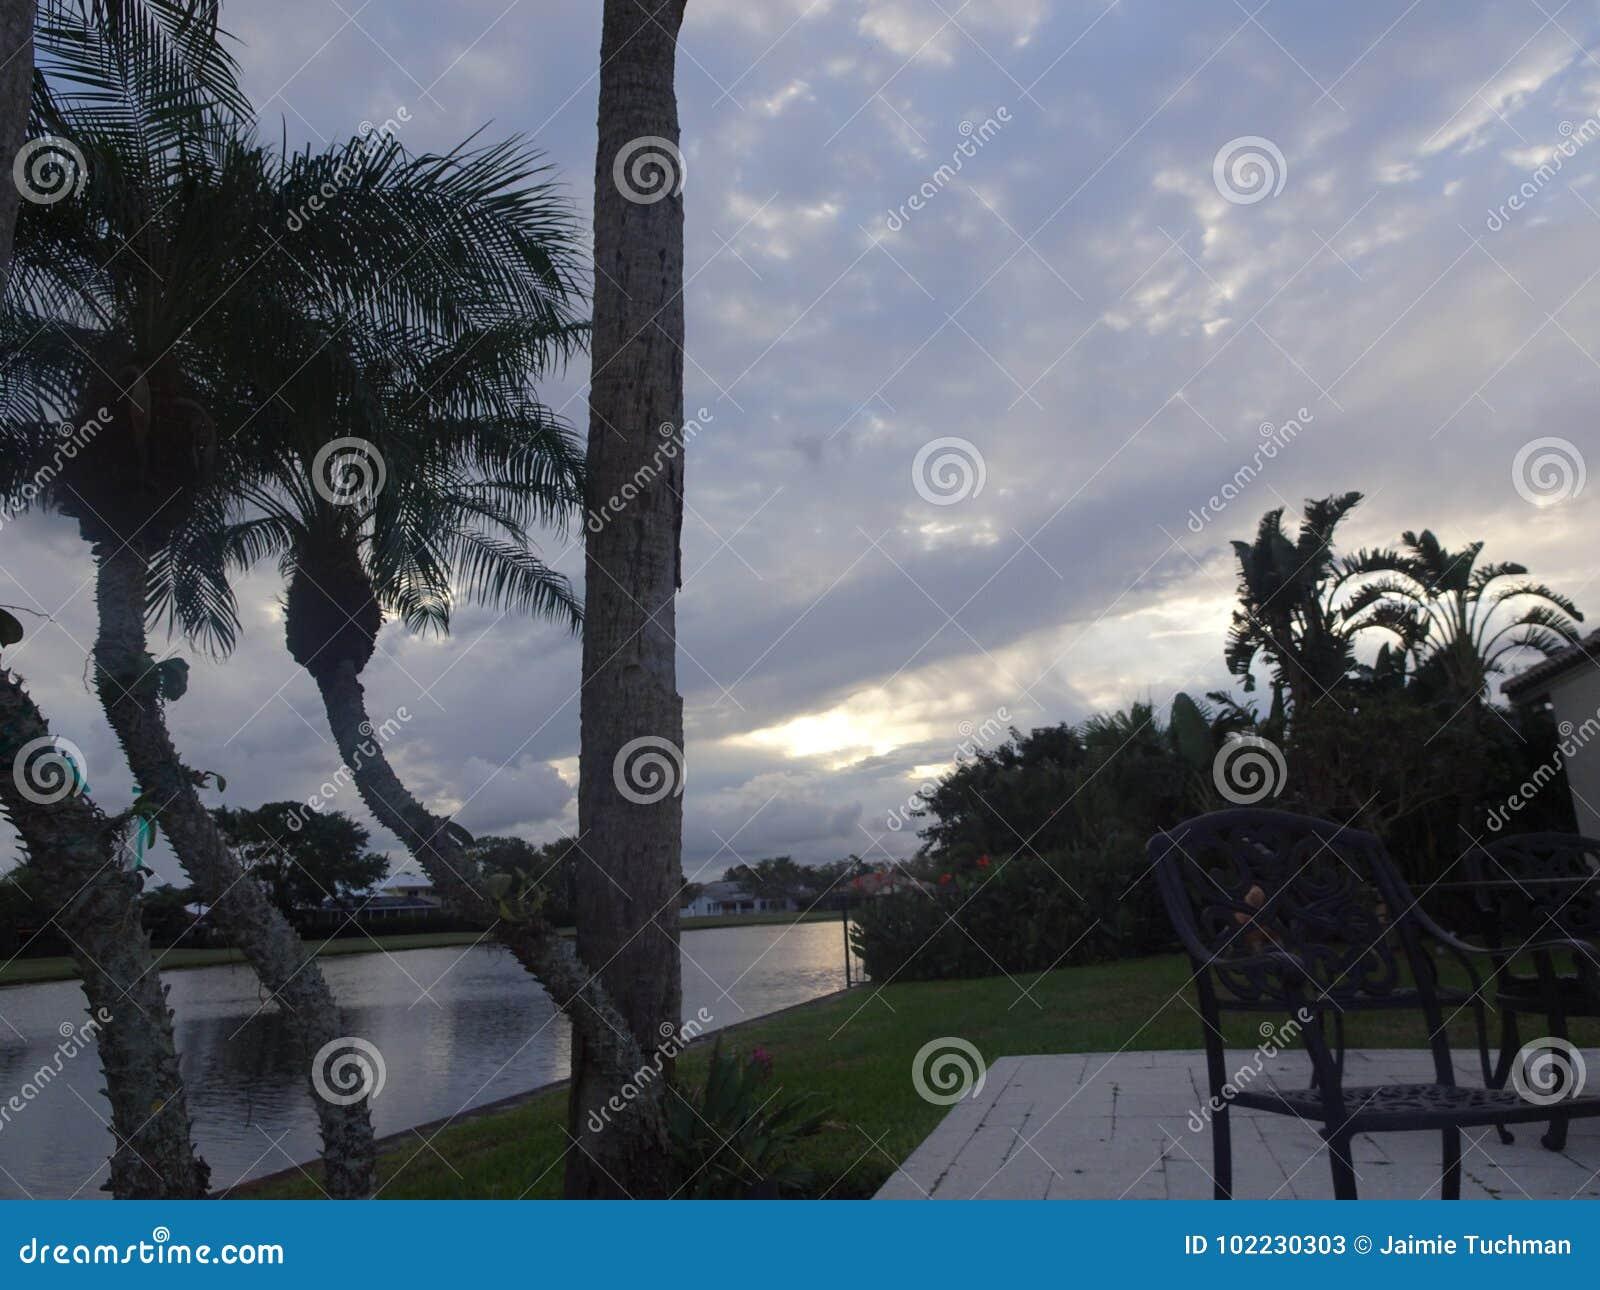 Vibrierender und stürmischer Sonnenuntergang in den Tropen mit einem Schattenbild von a